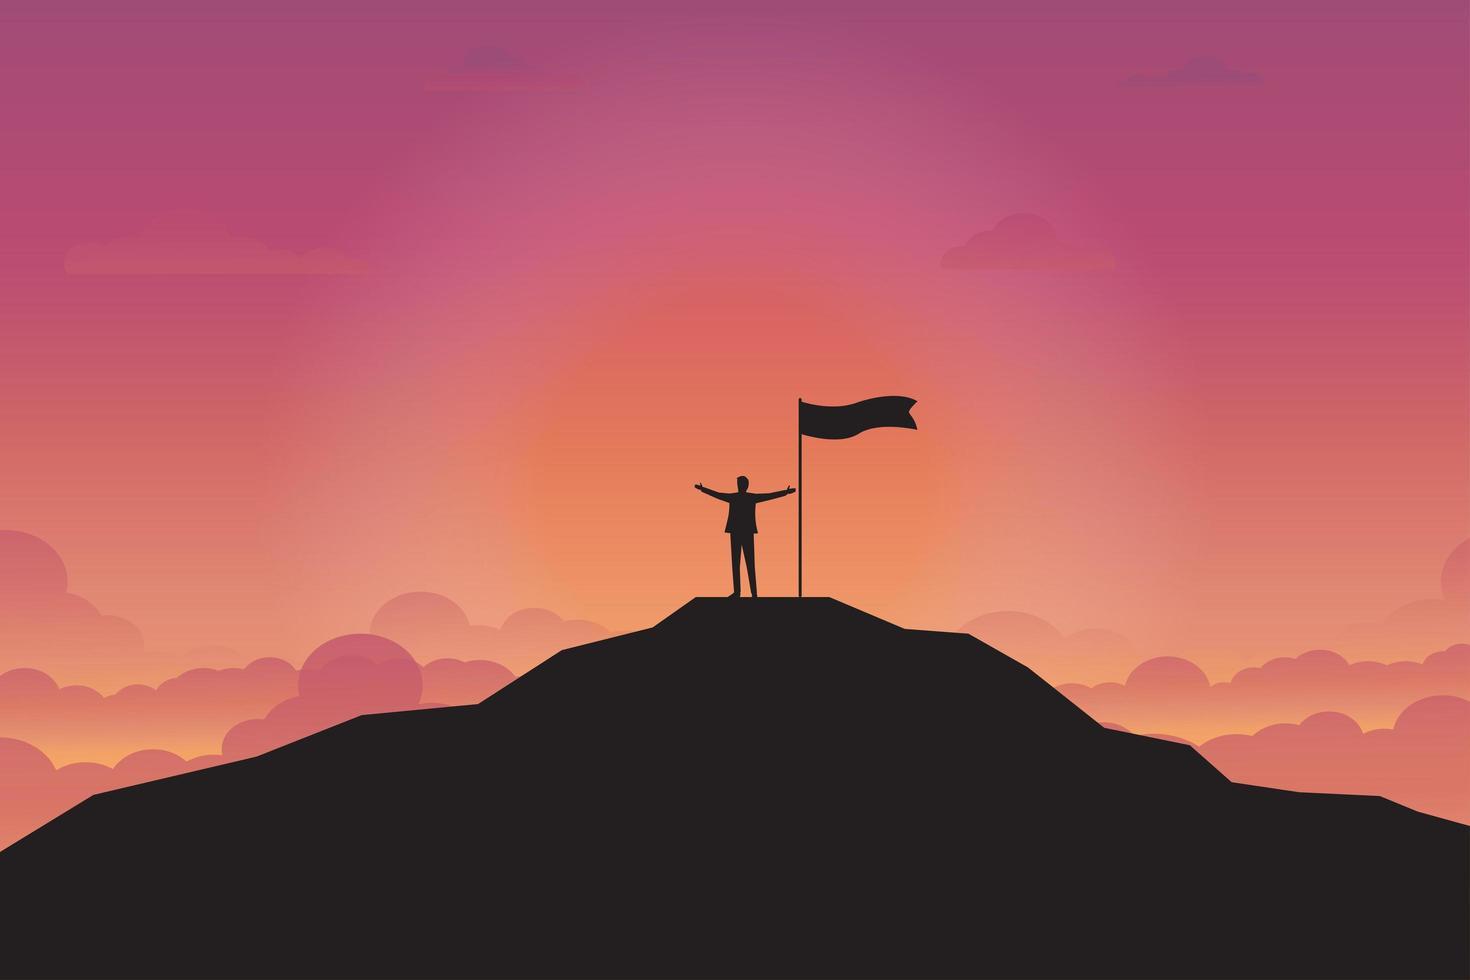 silhueta do empresário e bandeira no topo da montanha vetor